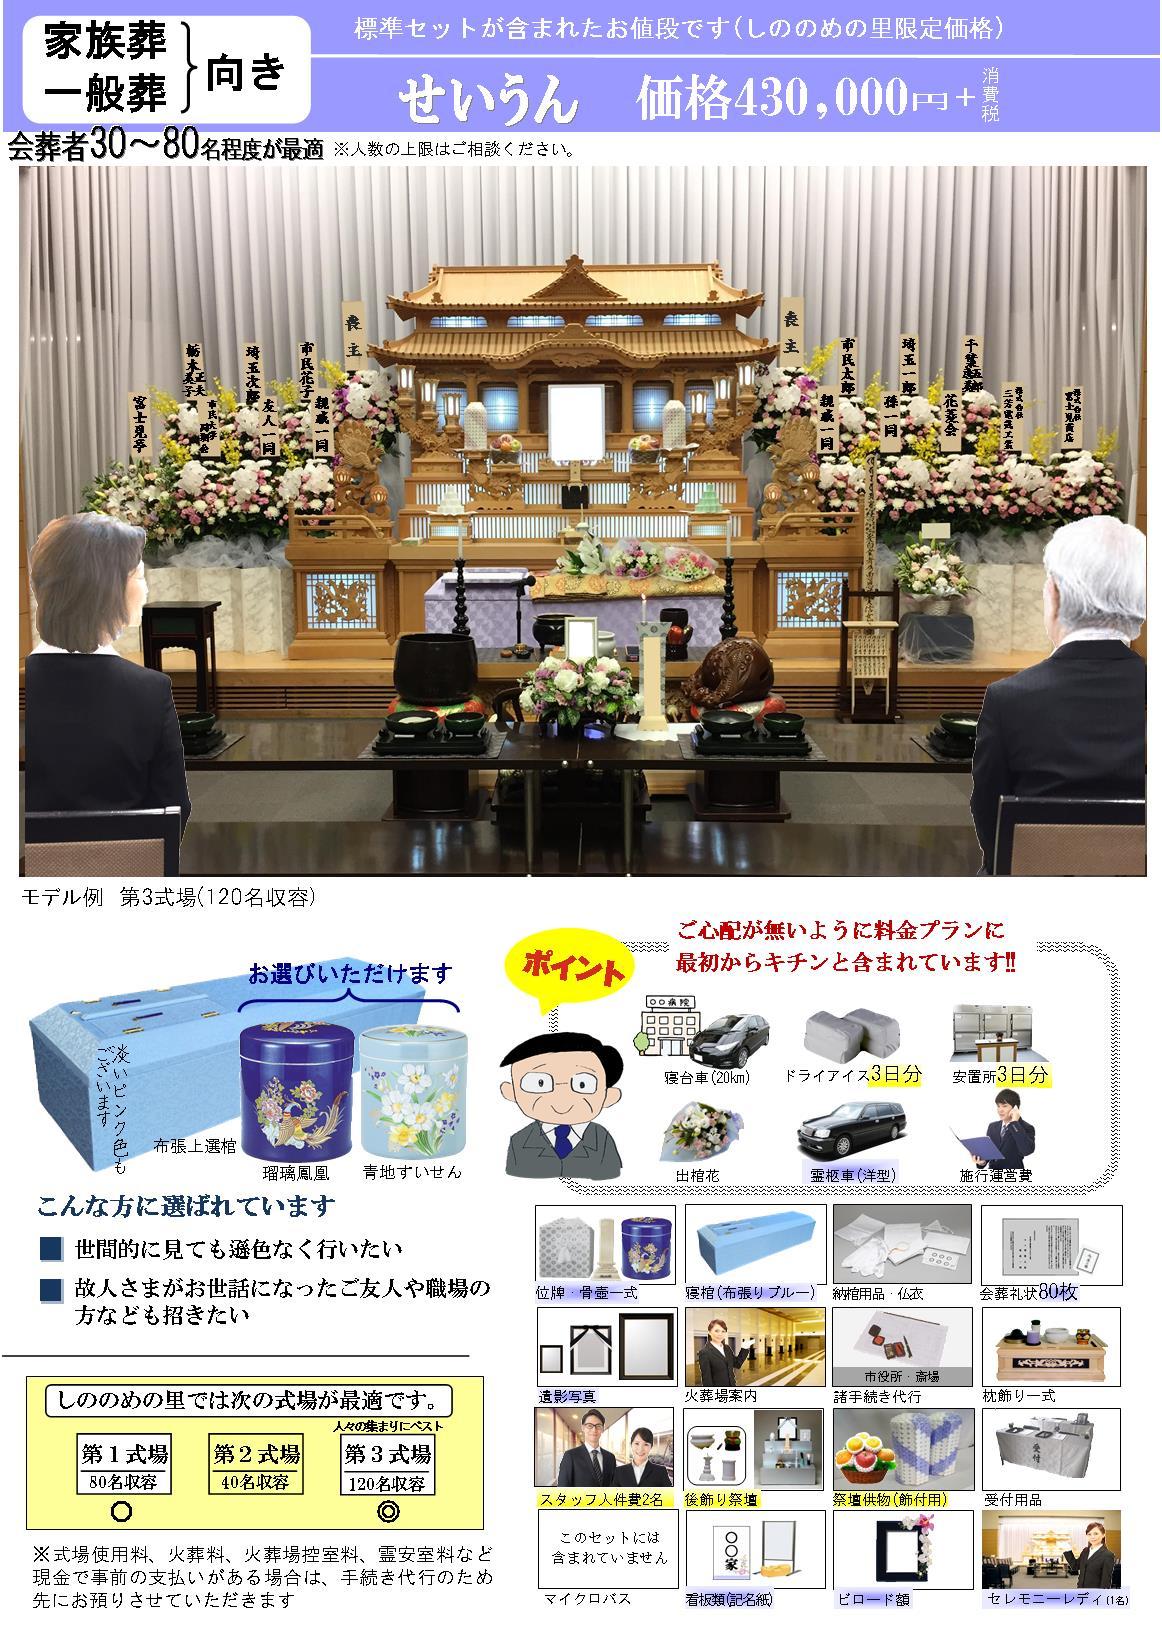 しののめの里での葬儀(一般葬)